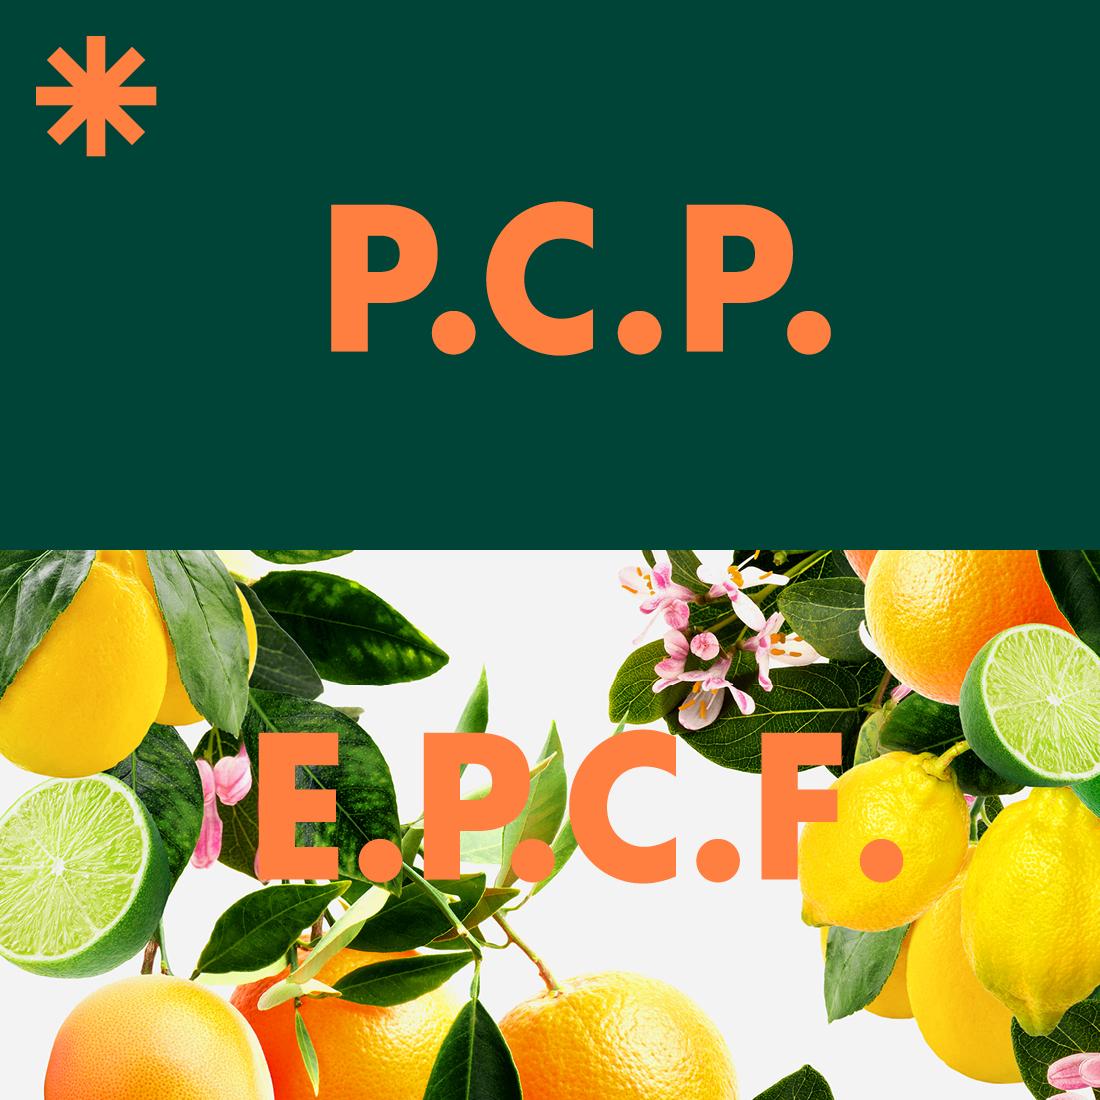 P.C.P. at E.P.C.F.